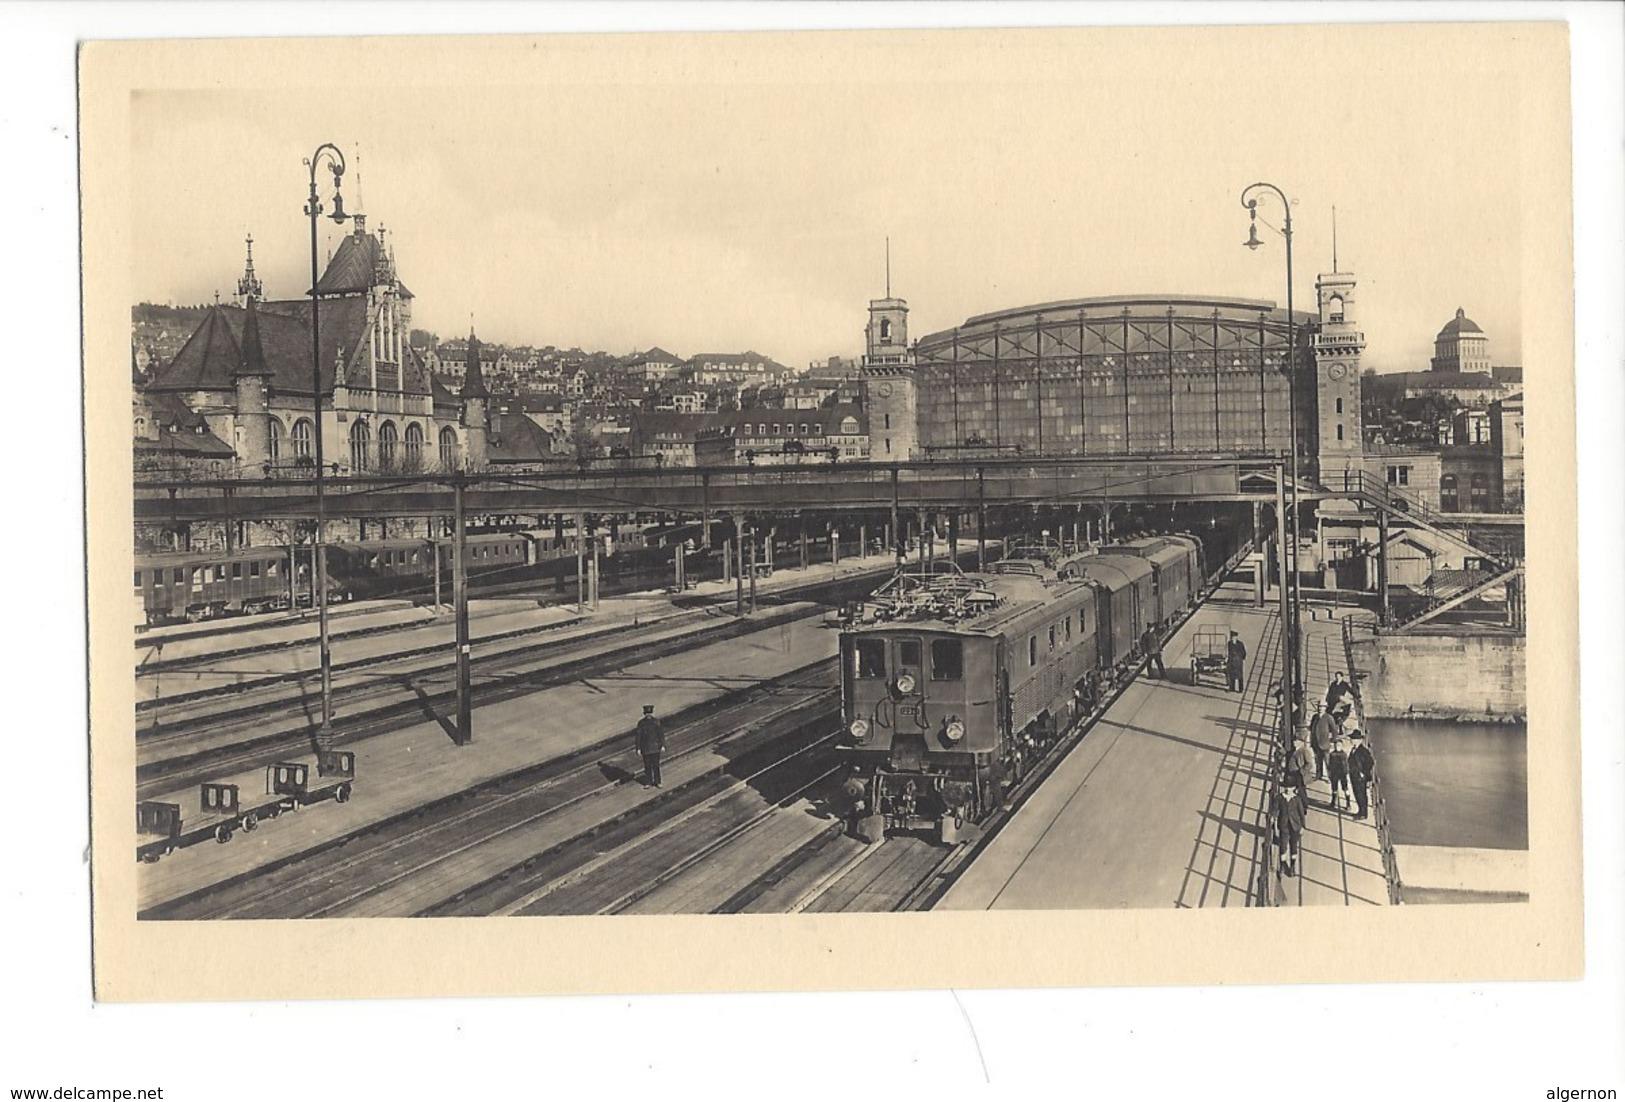 15604 - Elektrifikation Der Schweizerischen Bundesbahnen Bahnhof Zürich Train - ZH Zurich